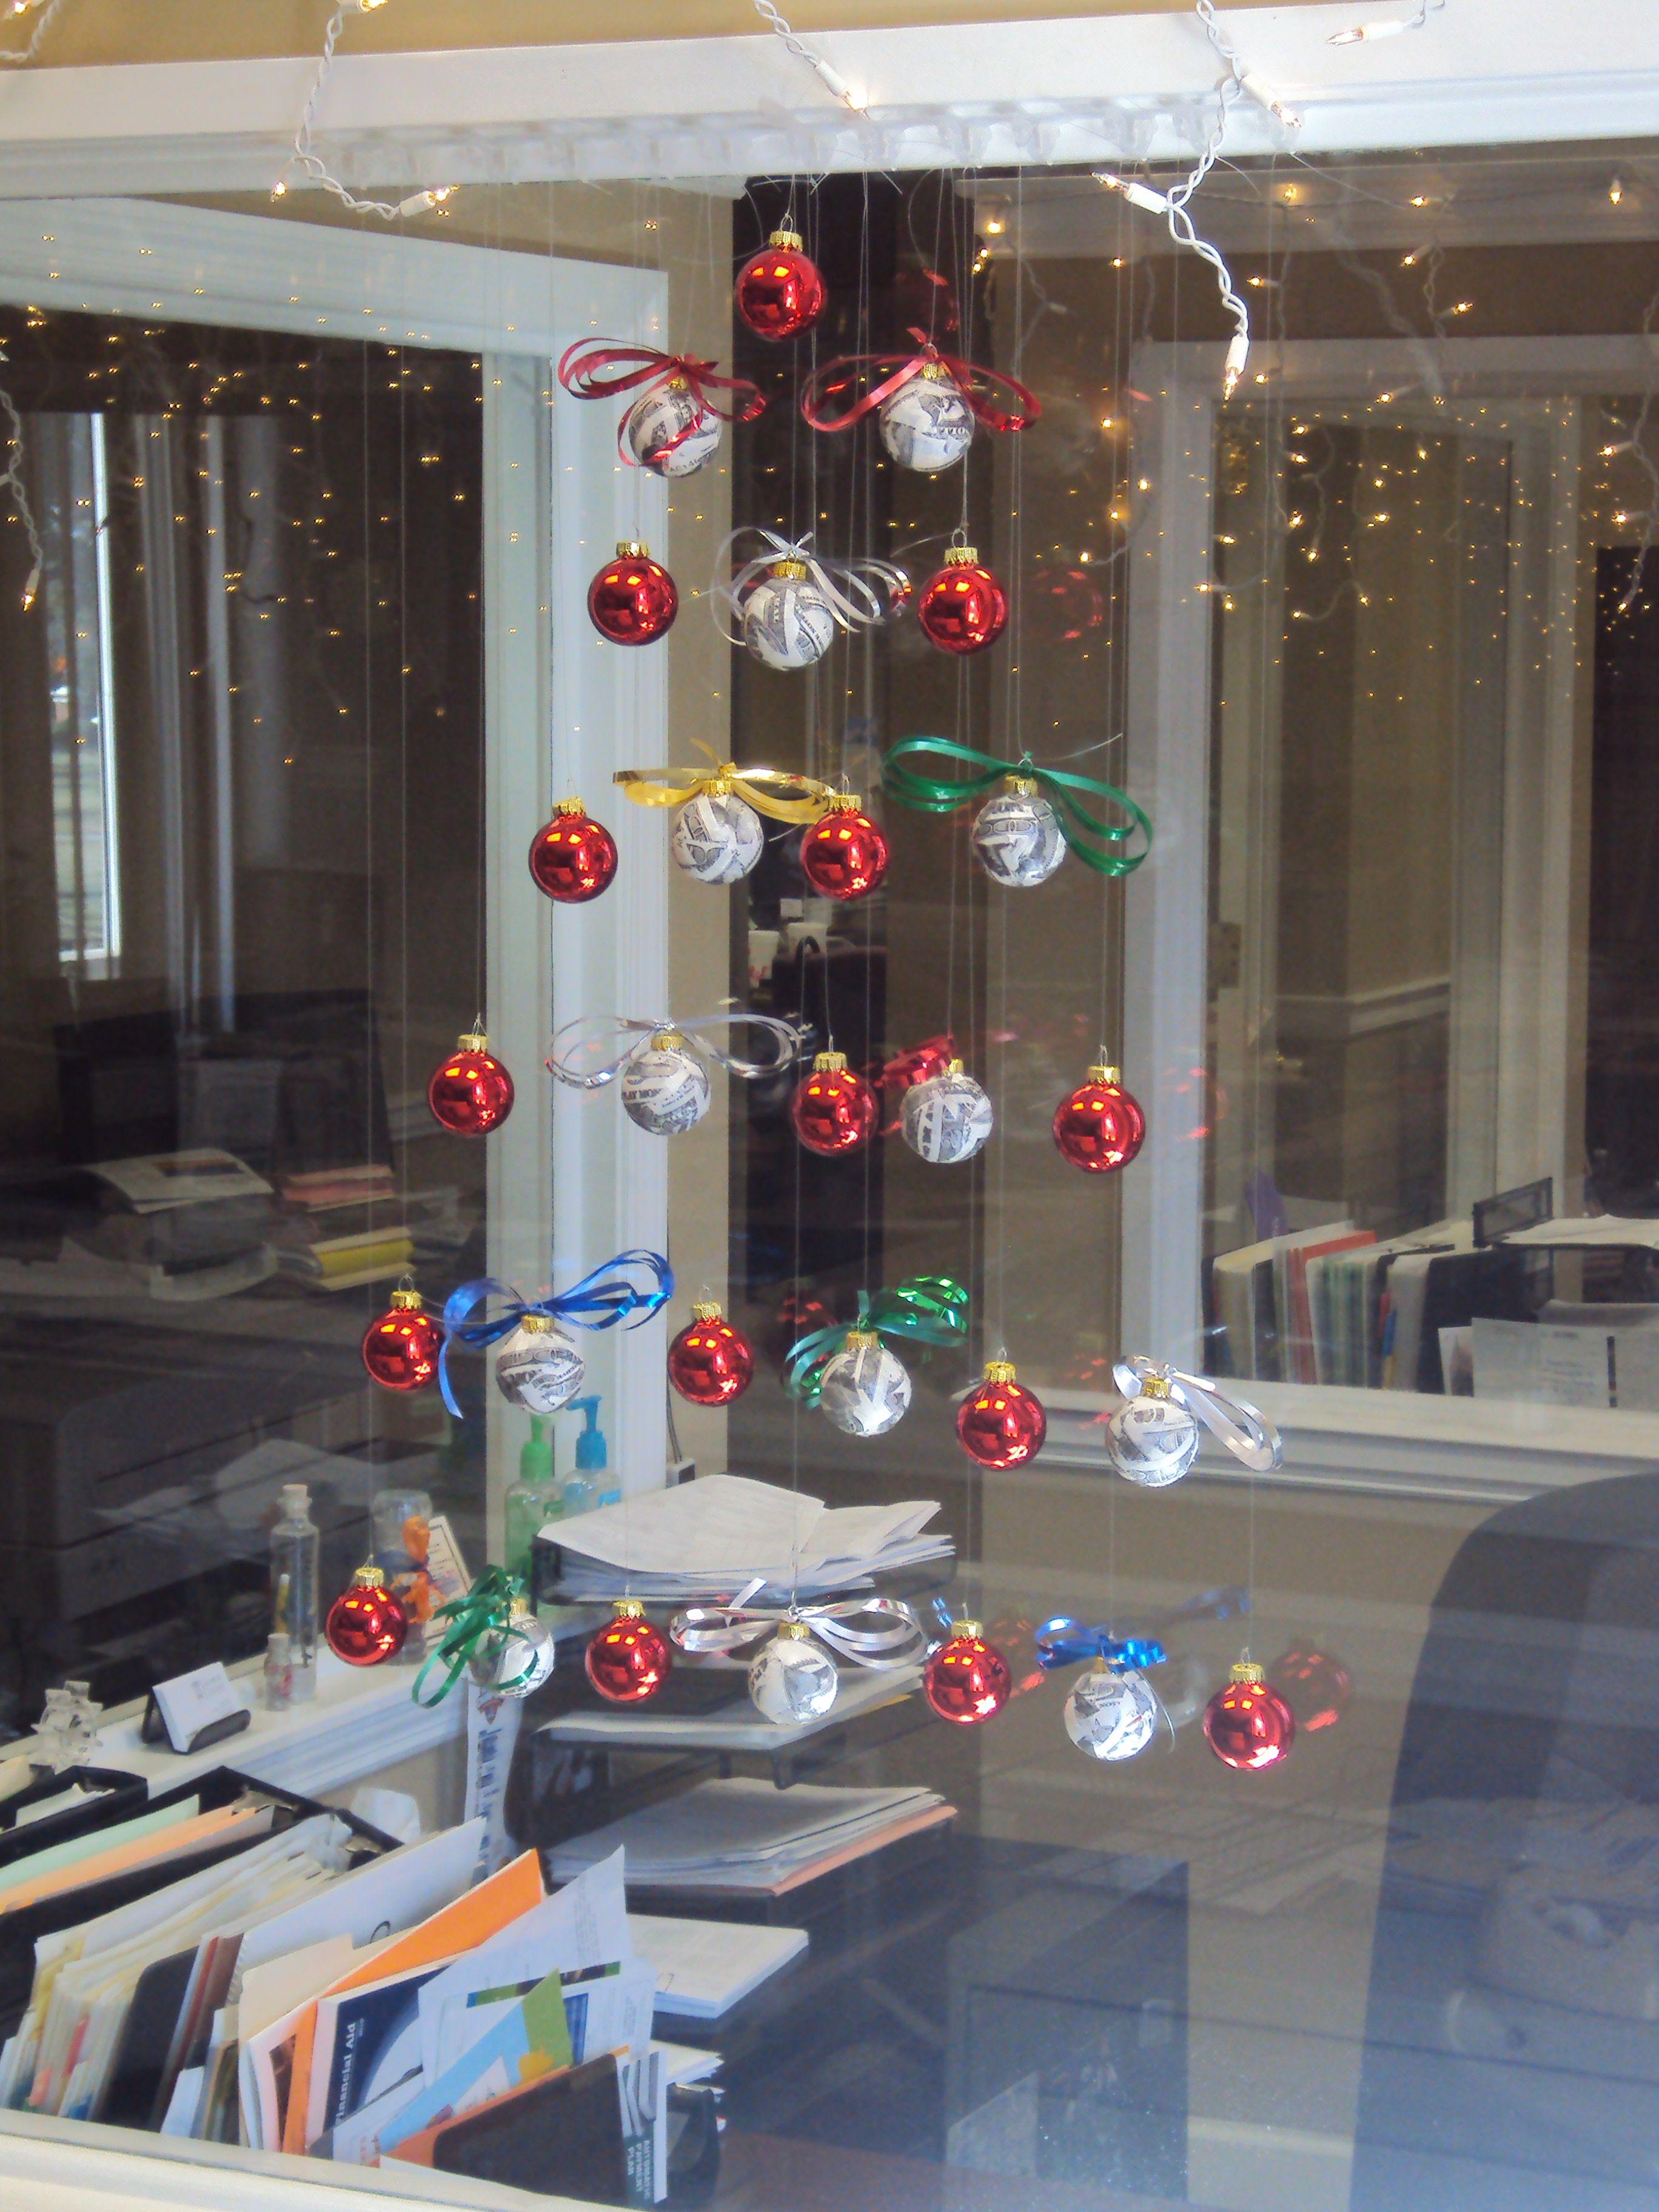 Hanging Christmas Tree Made Of Balls